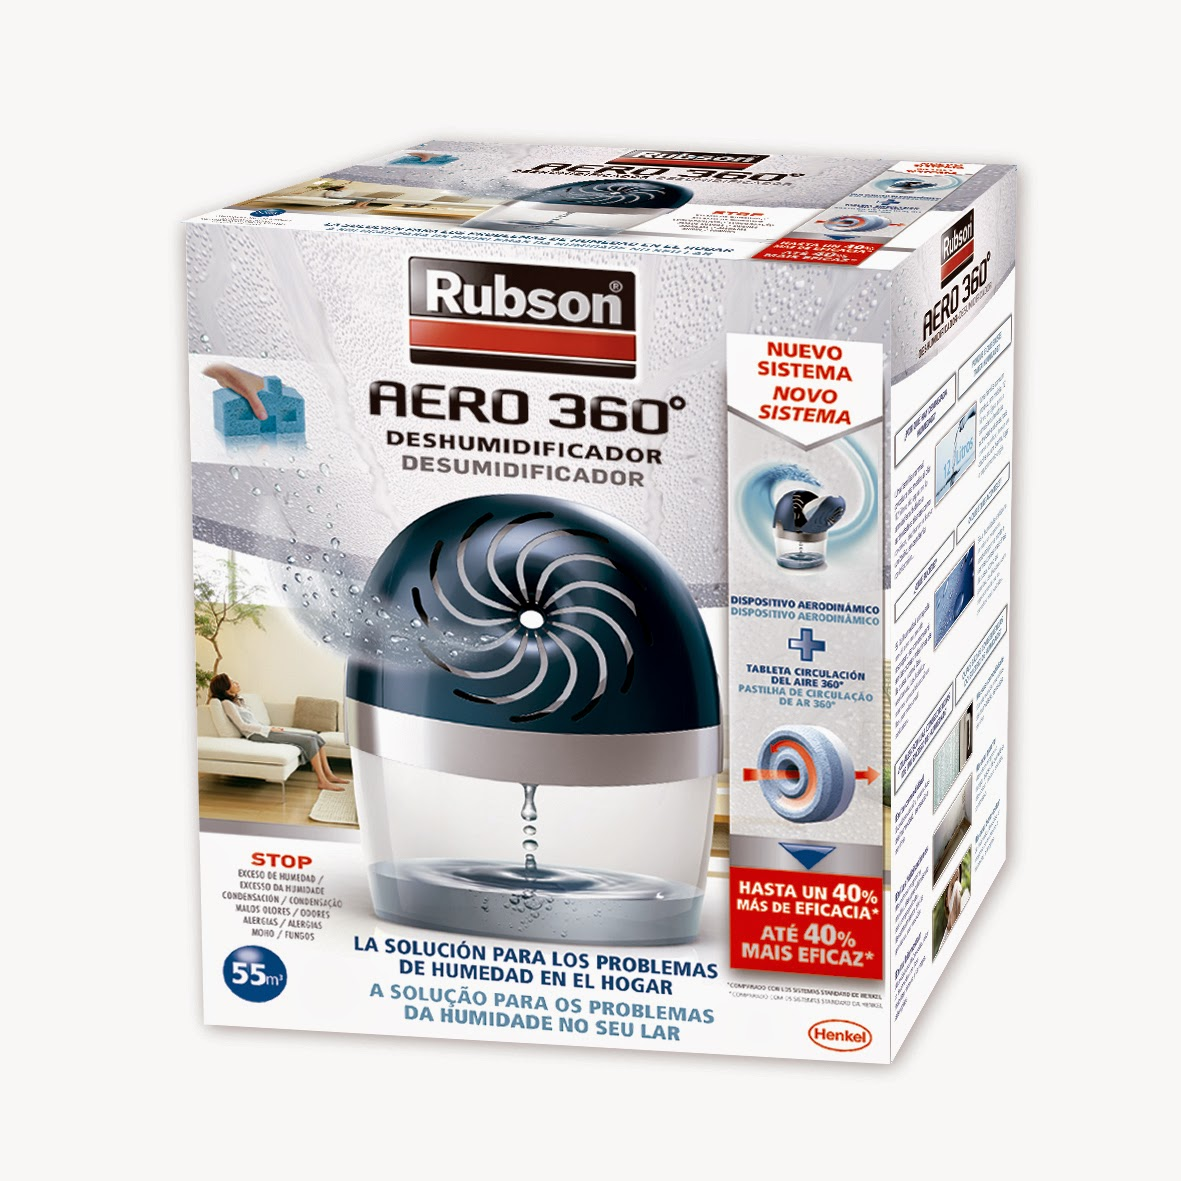 El blog de aceber acaba con la humedad y malos olores con los deshumidificadores rubson - Humedad ideal en casa ...